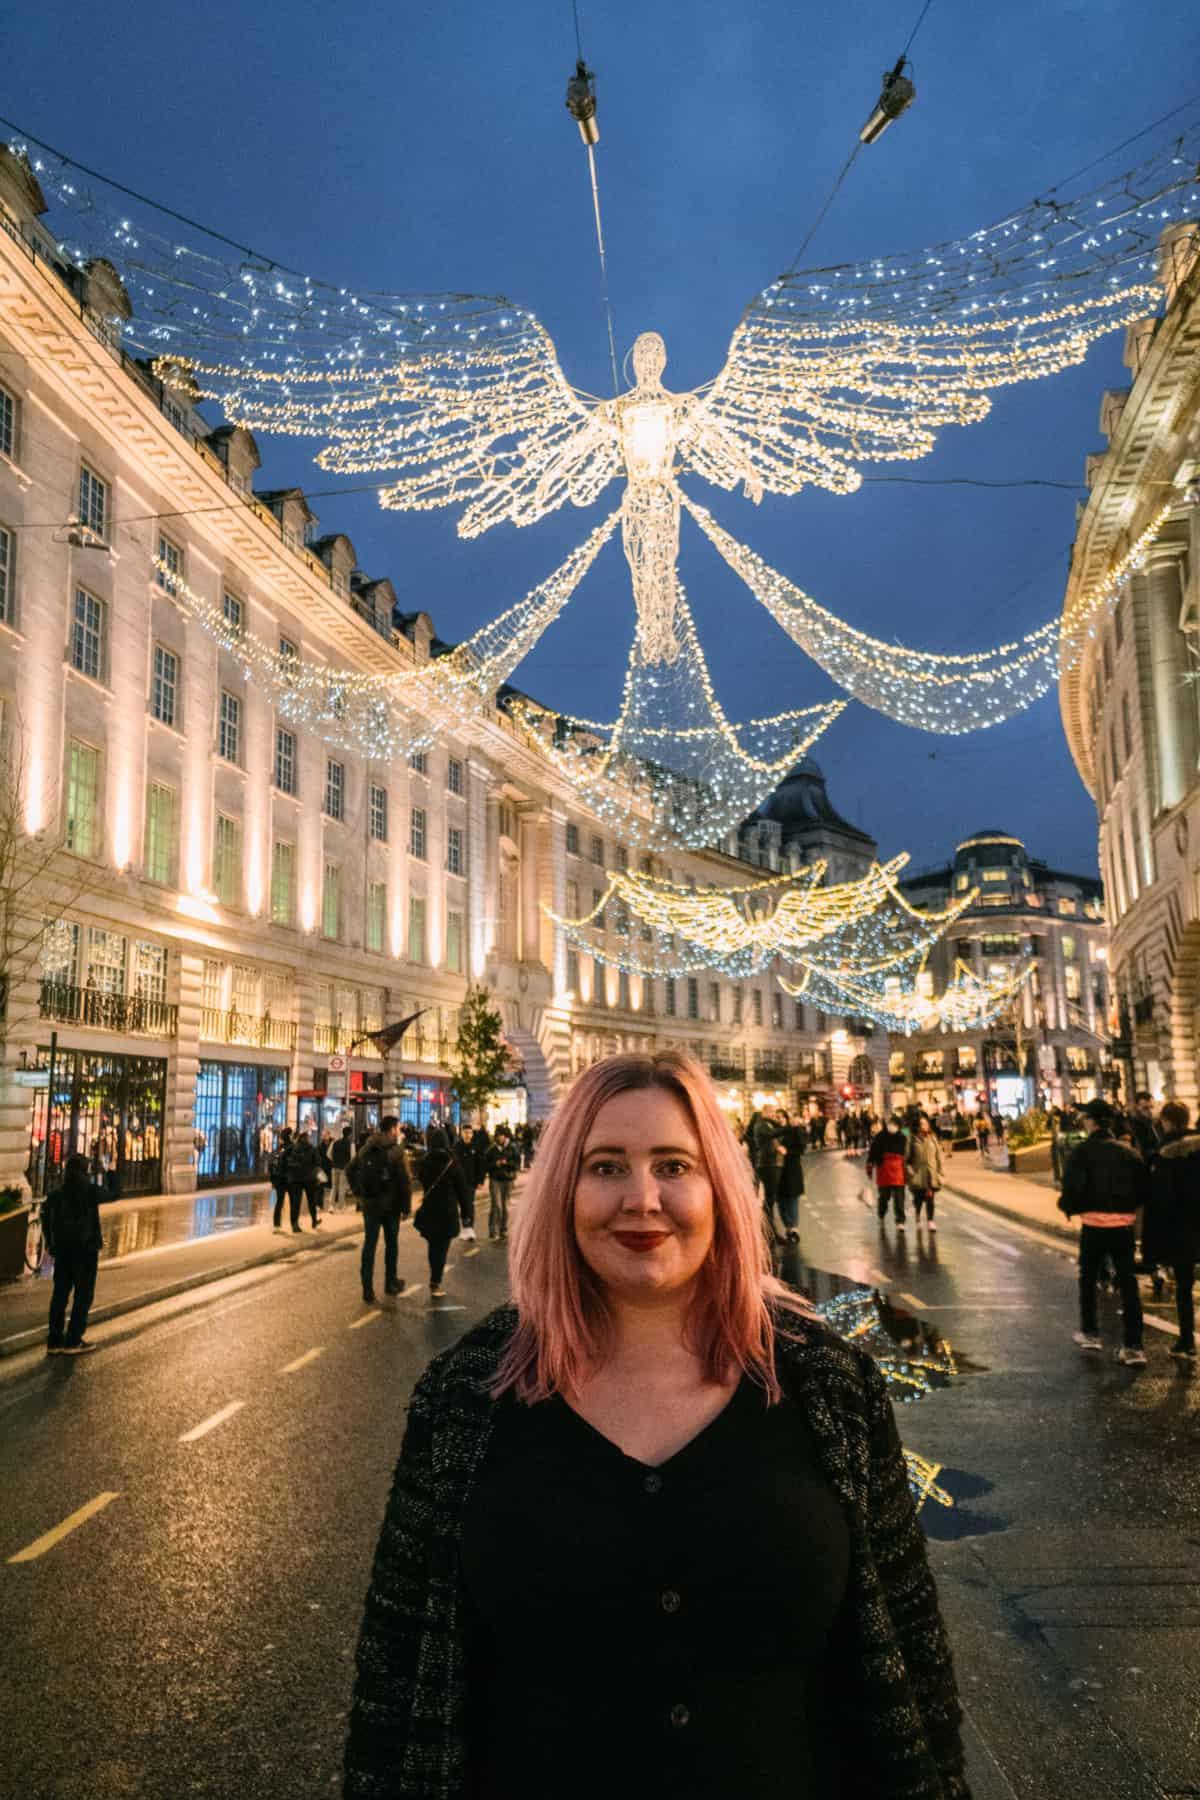 Christmas Lights Display on Regents Street